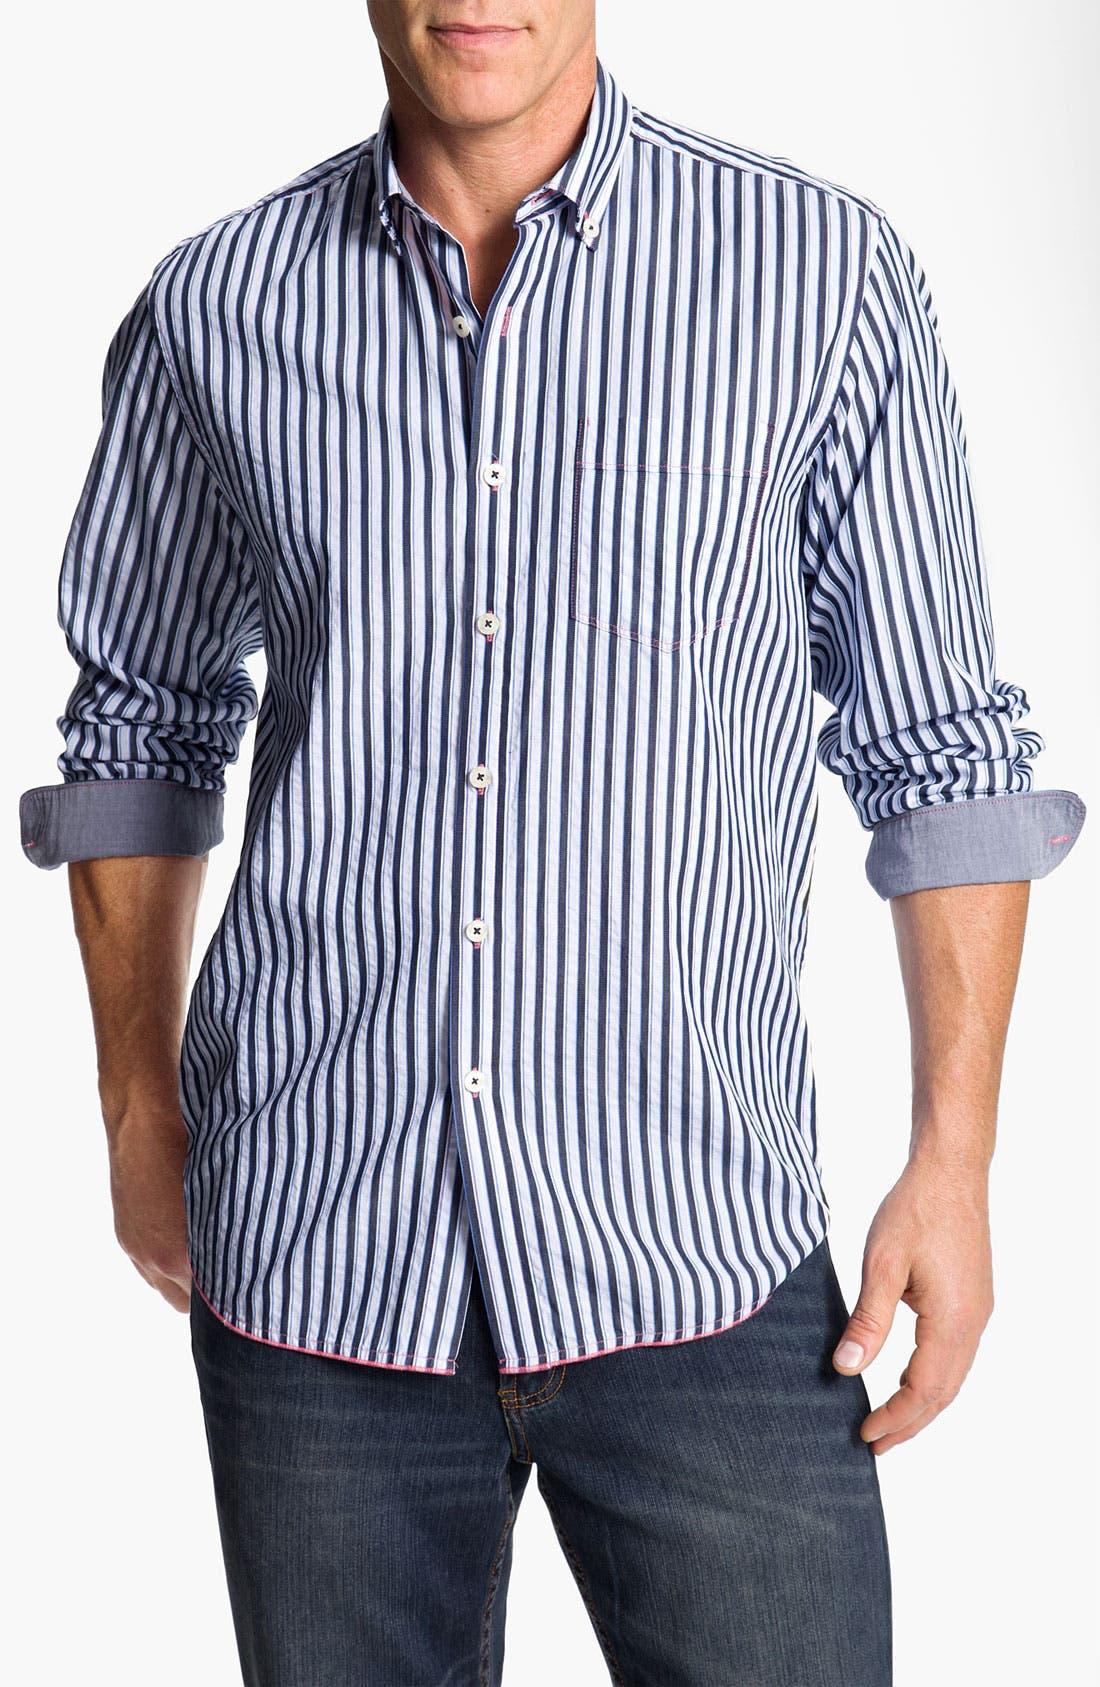 Main Image - Tommy Bahama Denim 'Dalat Stripe' Sport Shirt